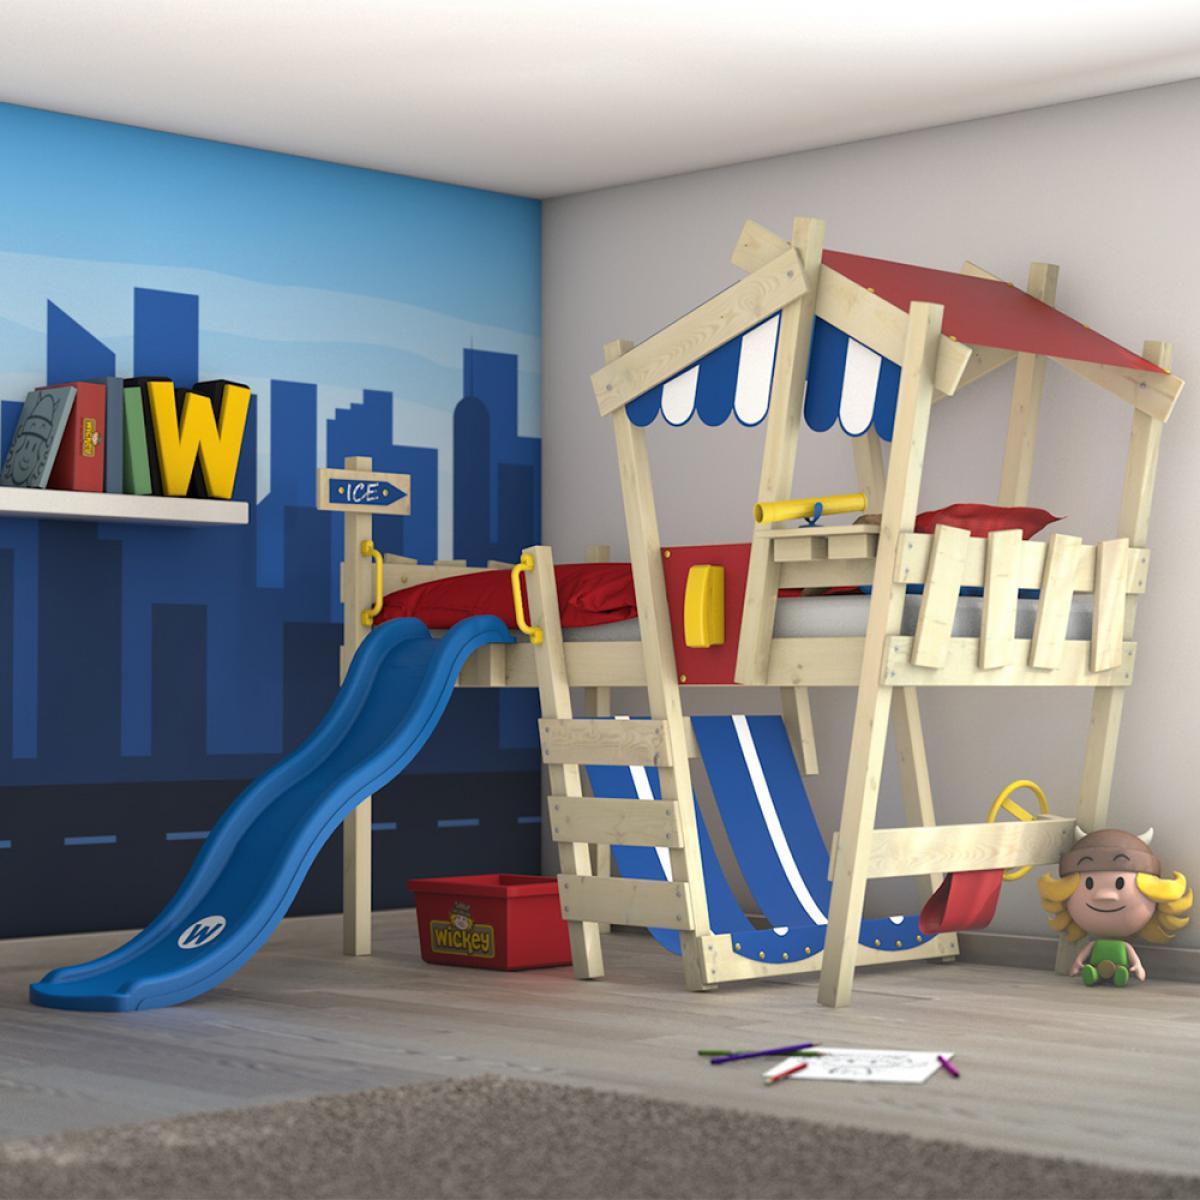 Wickey WICKEY Lit enfant, Lit mezzanine Crazy Hutty avec toboggan bleu Lit maison 90 x 200 cm